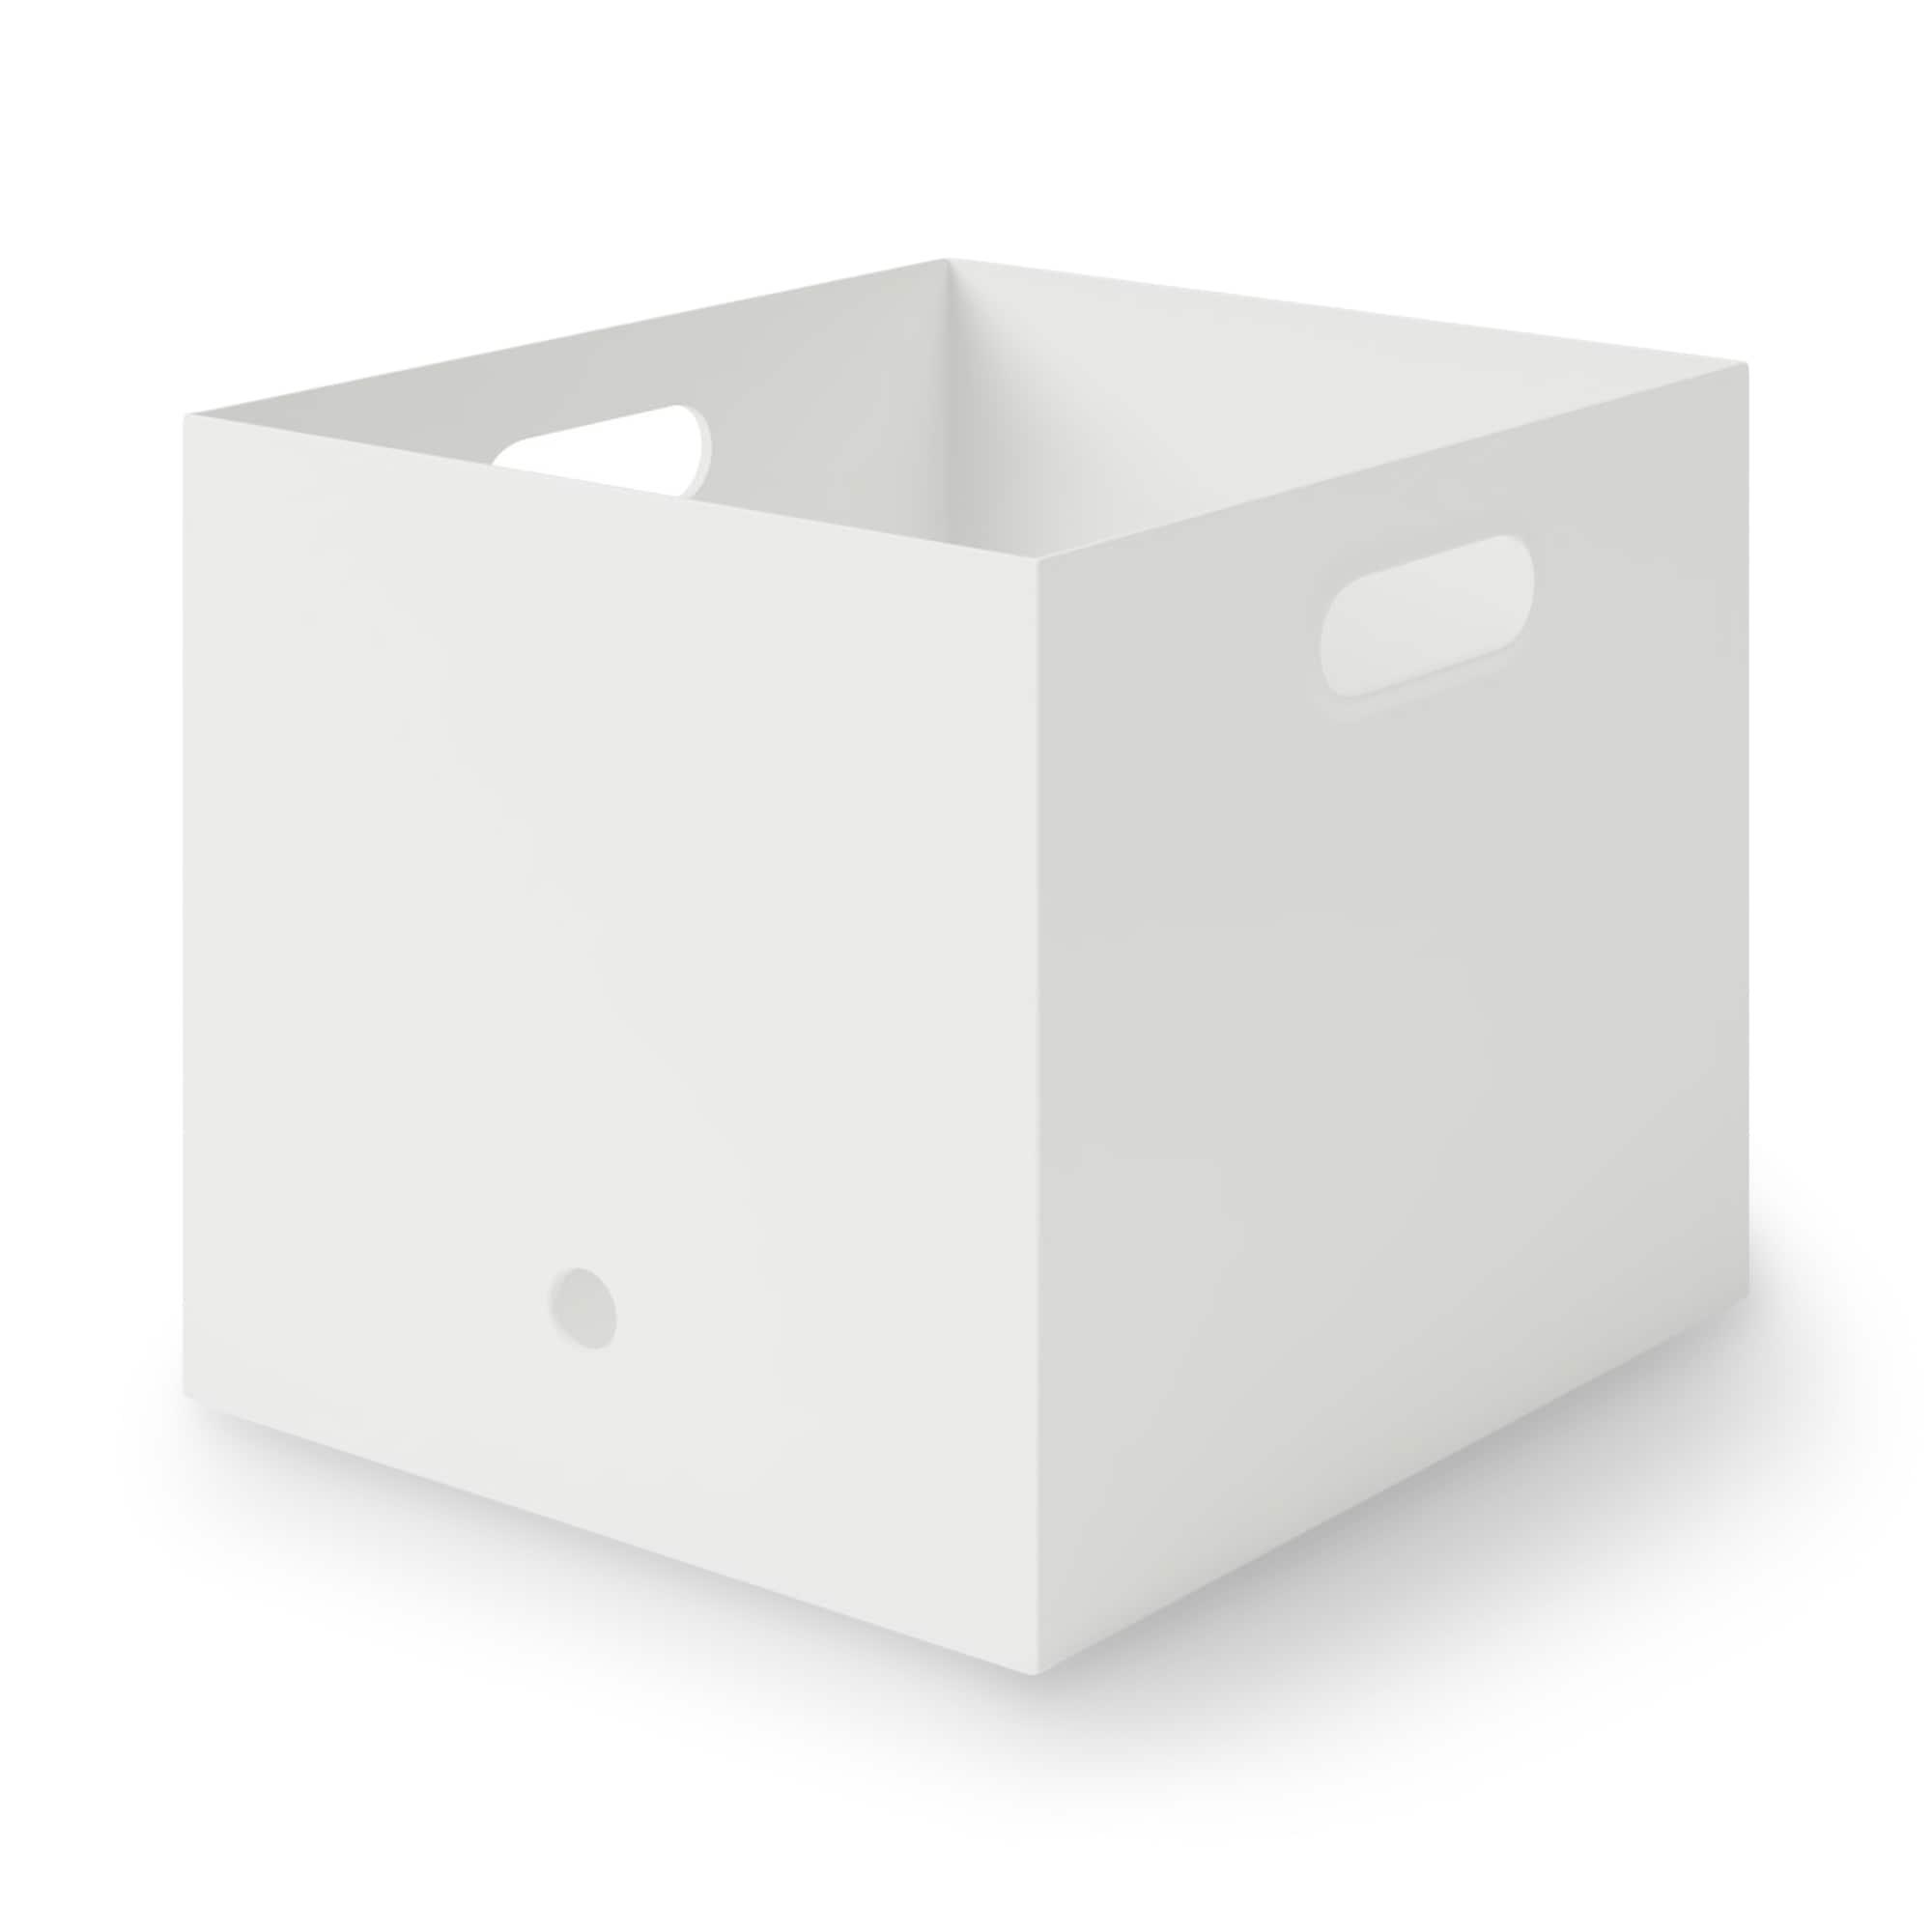 [무인양품] MUJI 폴리프로필렌 파일 박스 스탠다드 폭25cm타입 일본 공식스토어 상품 상품